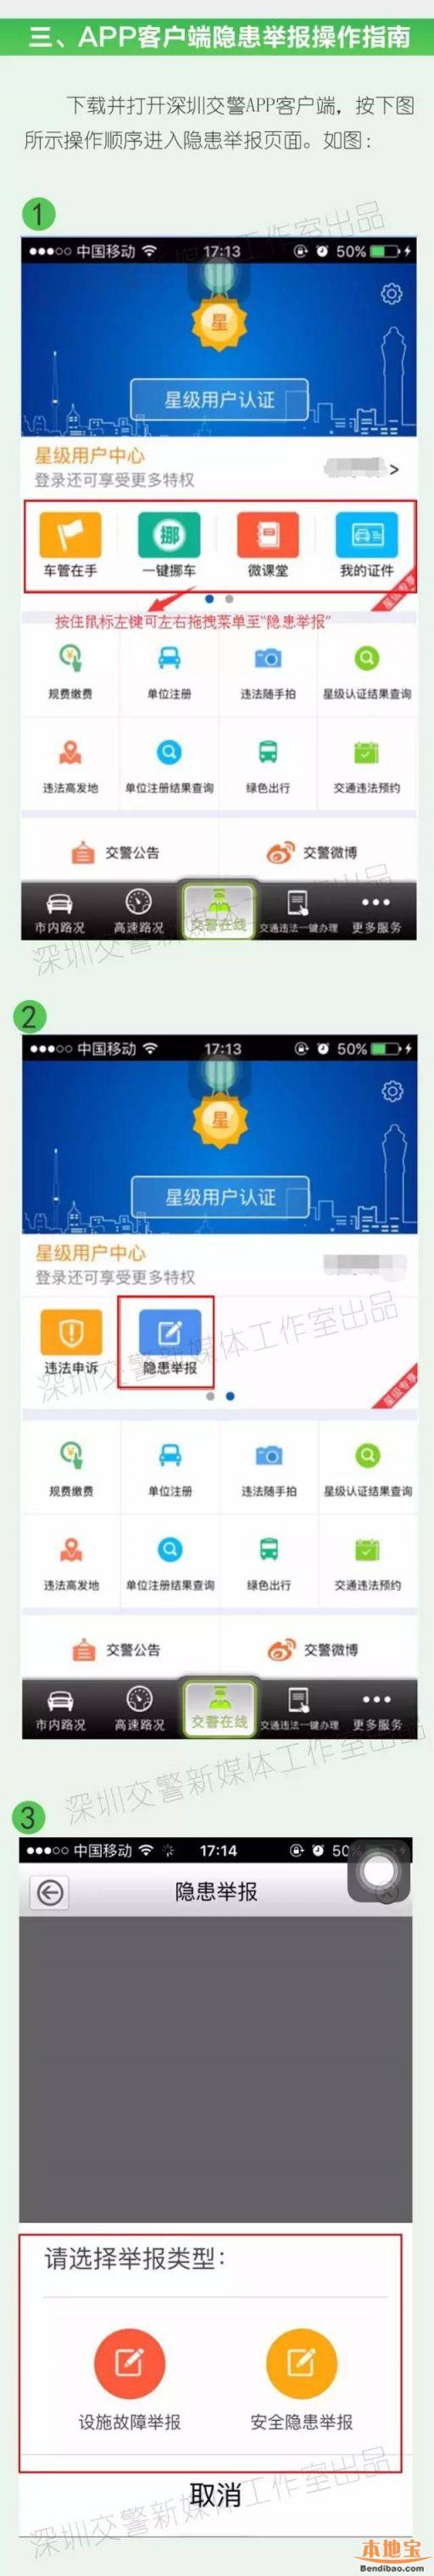 深圳交警星级用户隐患举报有奖 附操作流程